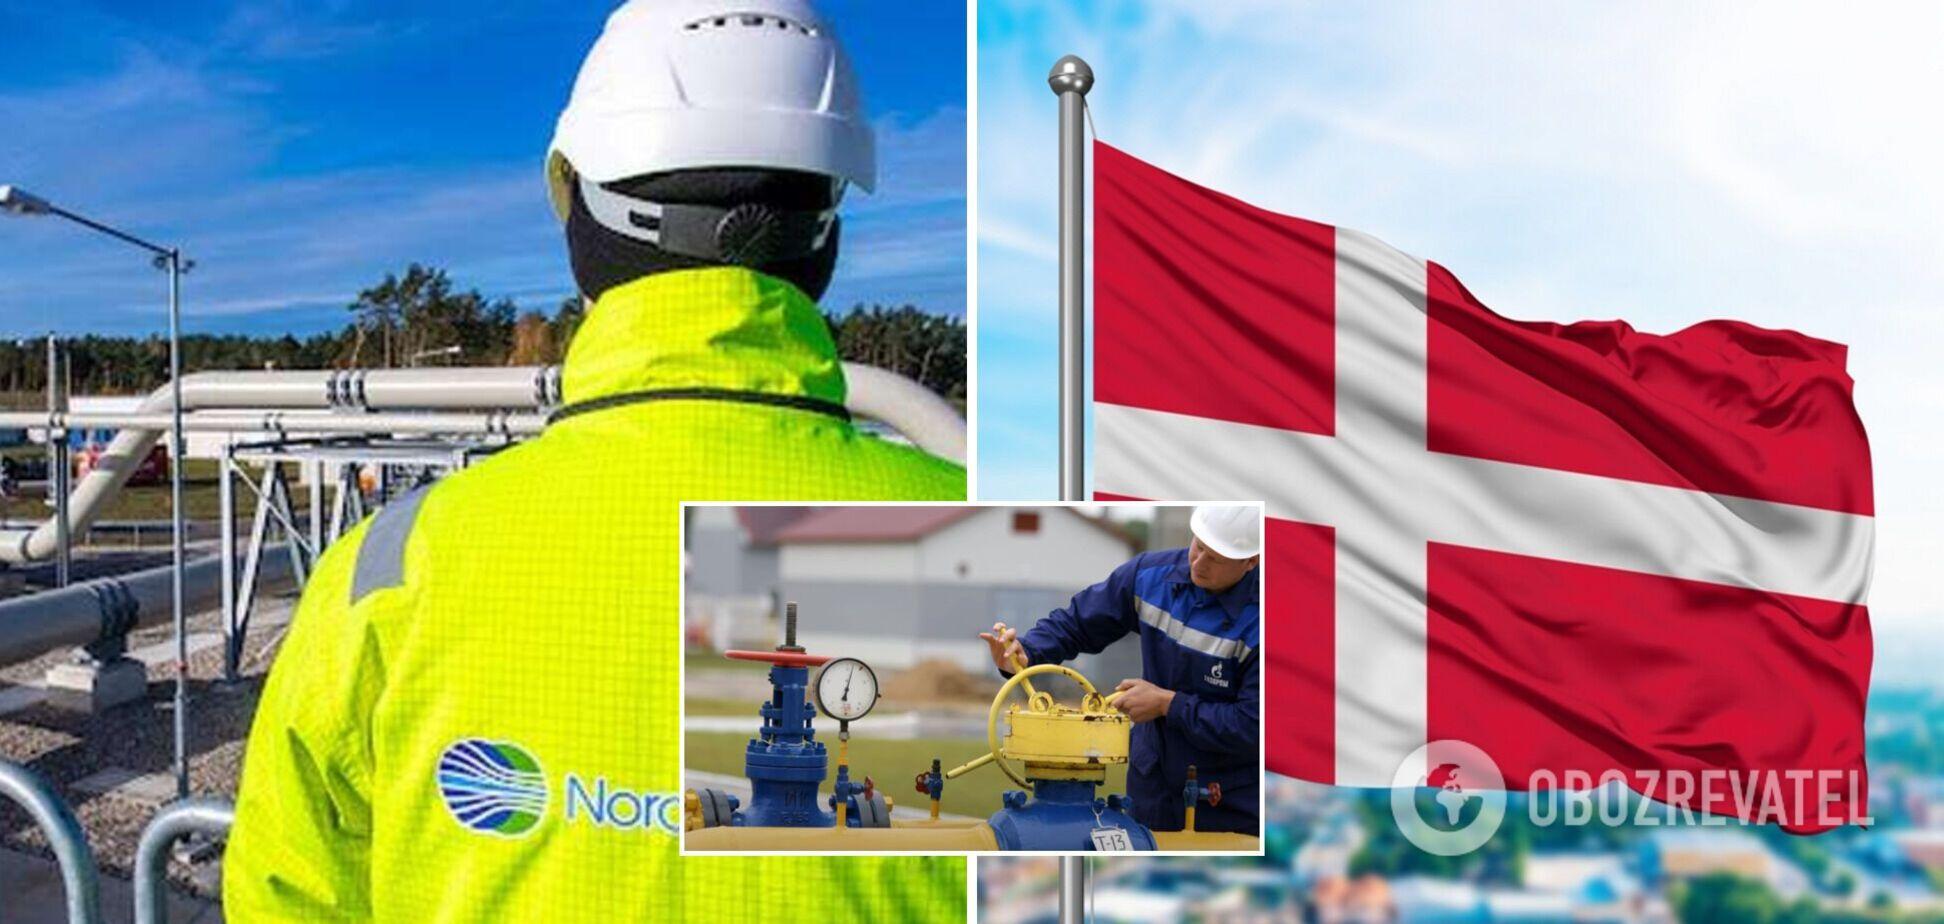 'Газпром' объявил о наполнении 'Северного потока-2', а в Дании выдвинули России условие